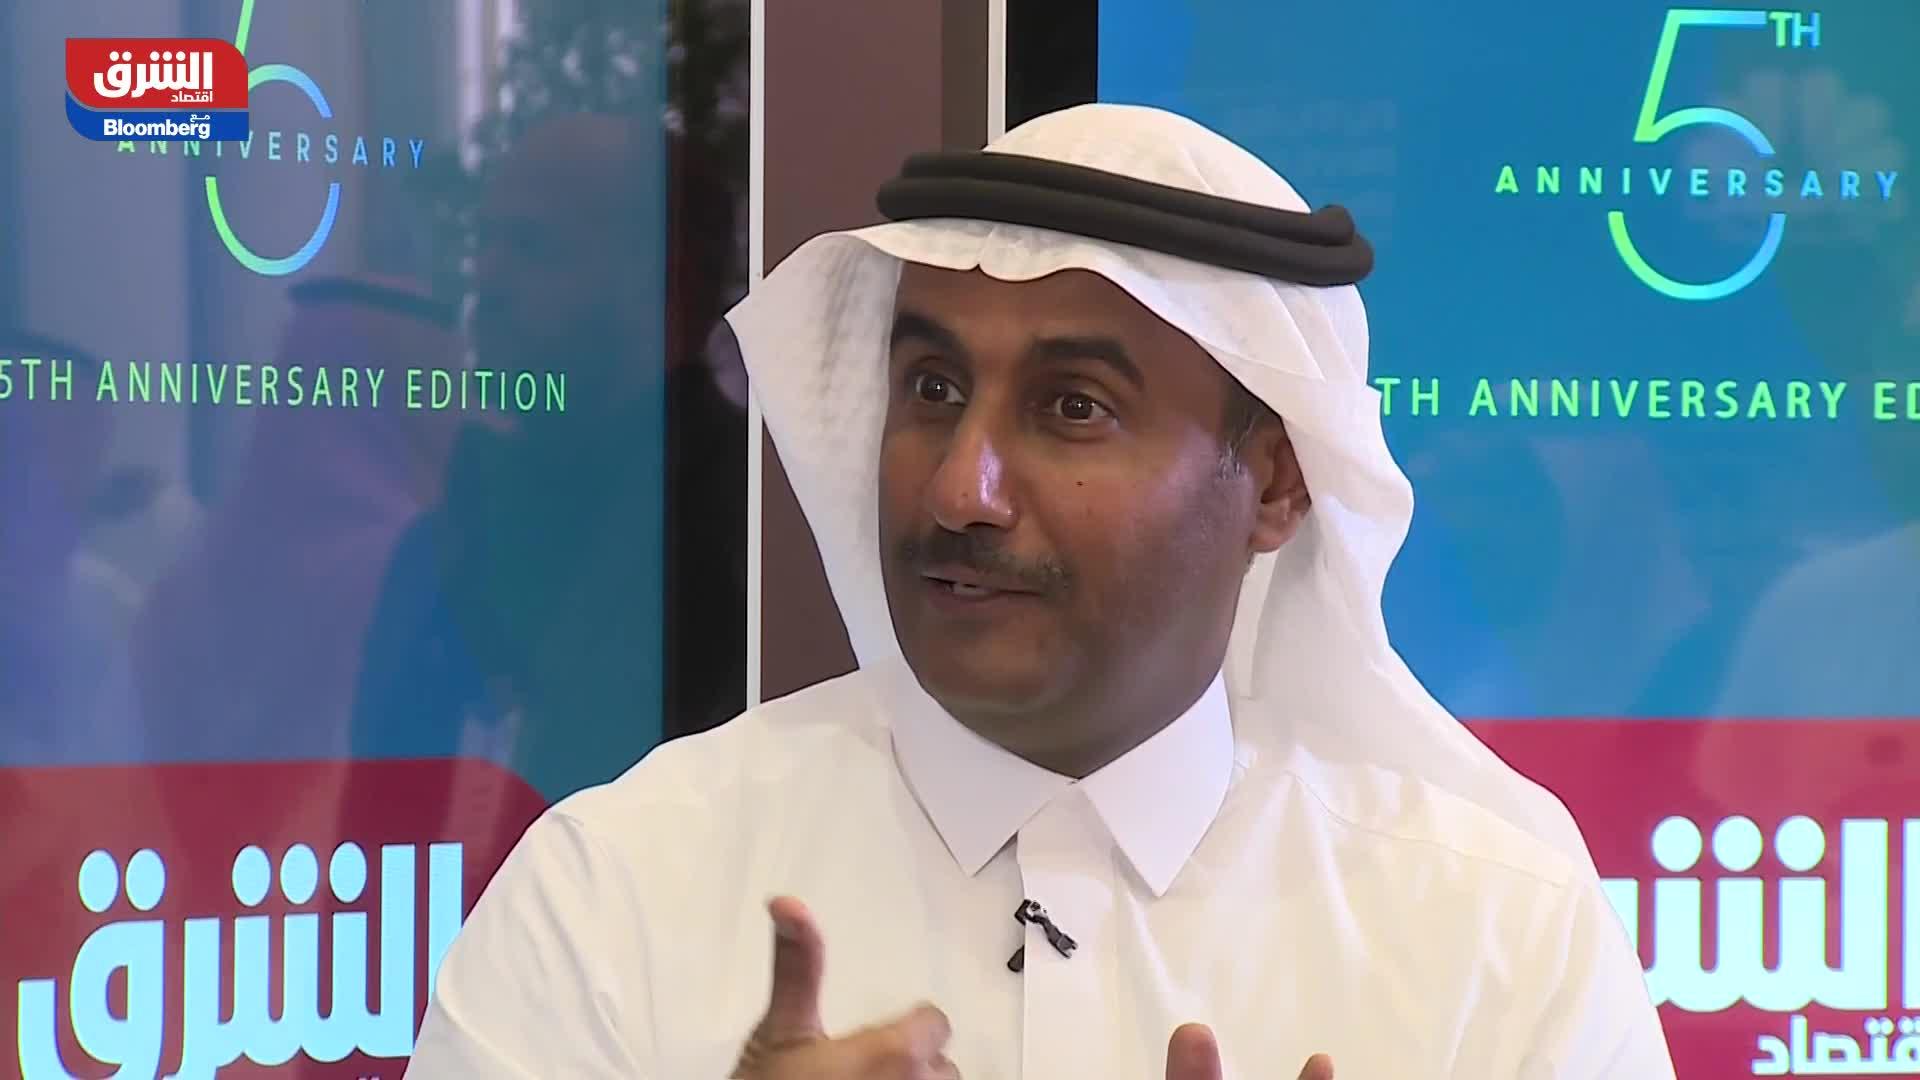 خالد العمودي : منتدى الاستثمار فرصة كبيرة لاستشراف الفرص